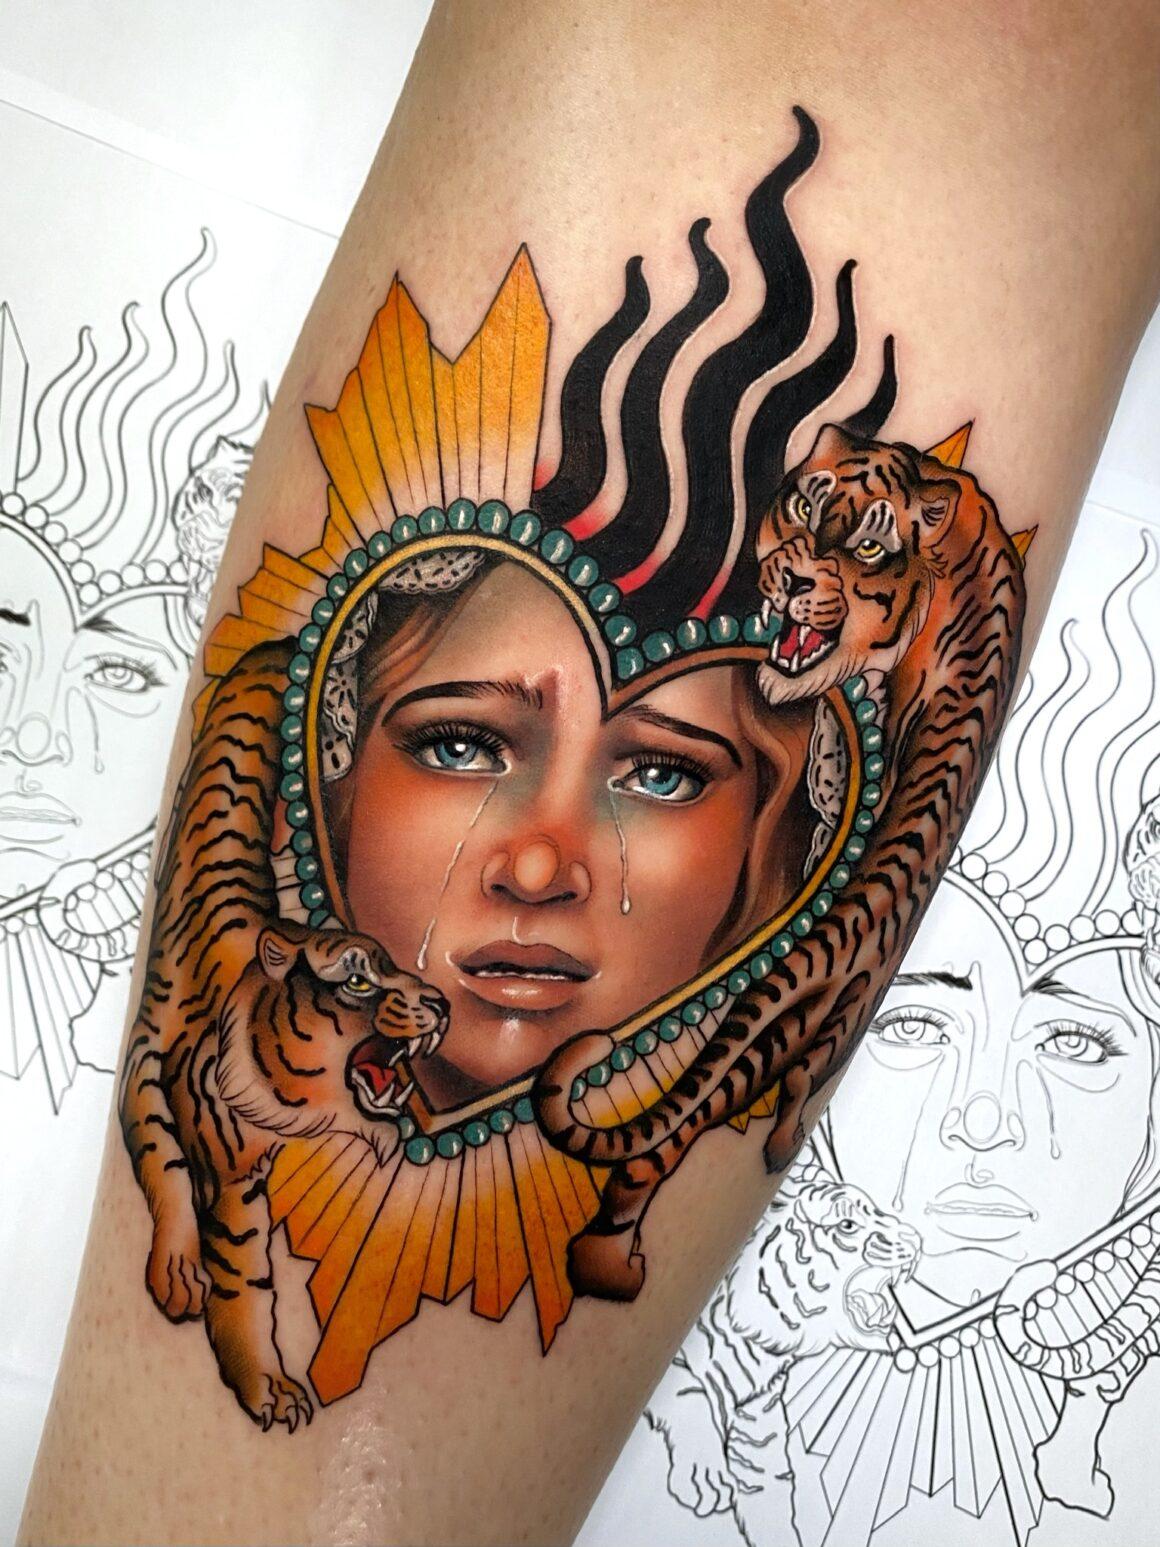 Viviana Calvo, Soho Tattoo Malaga, Malaga, Spain